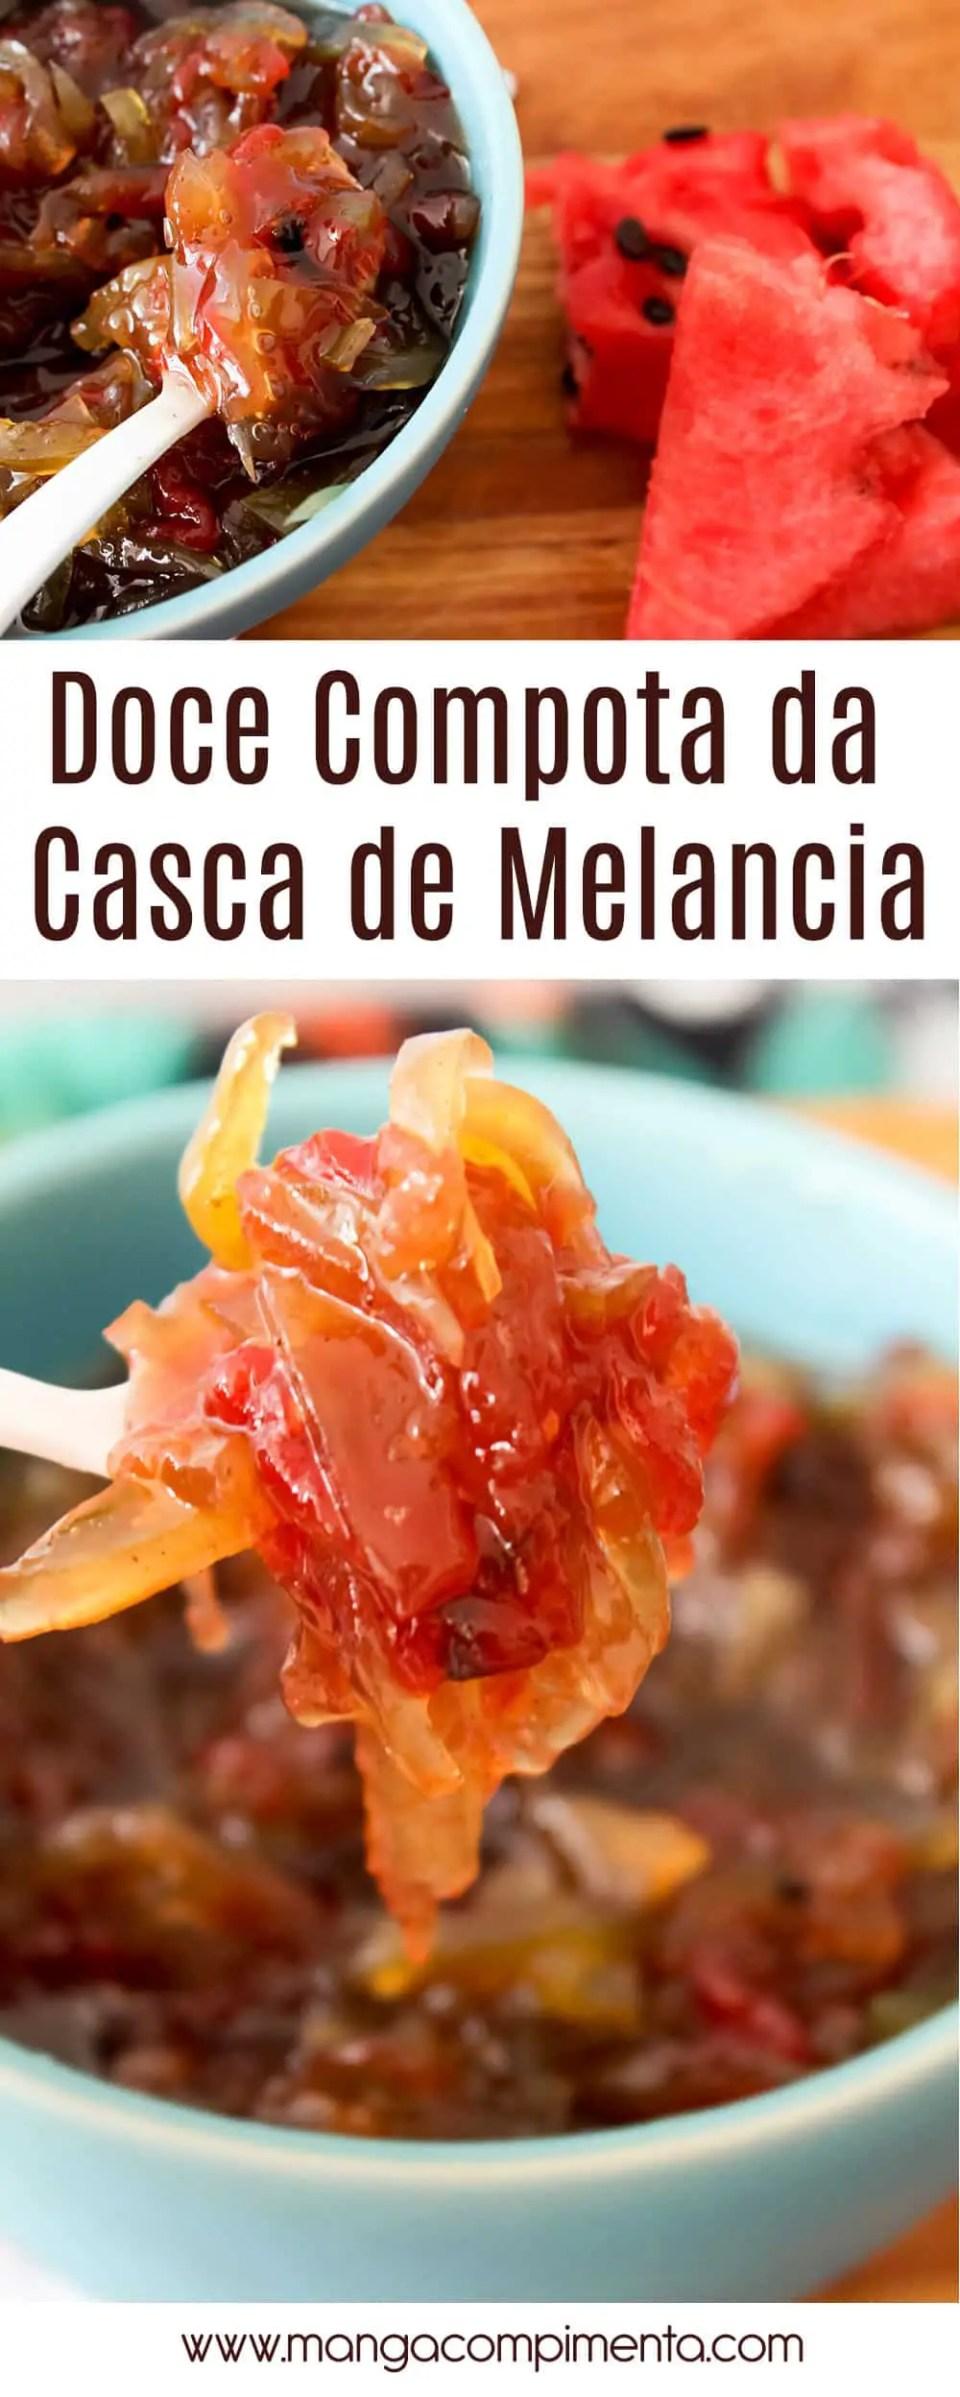 Receita de Doce Compota da Casca de Melancia - um doce caseiro delicioso para fazer no verão!